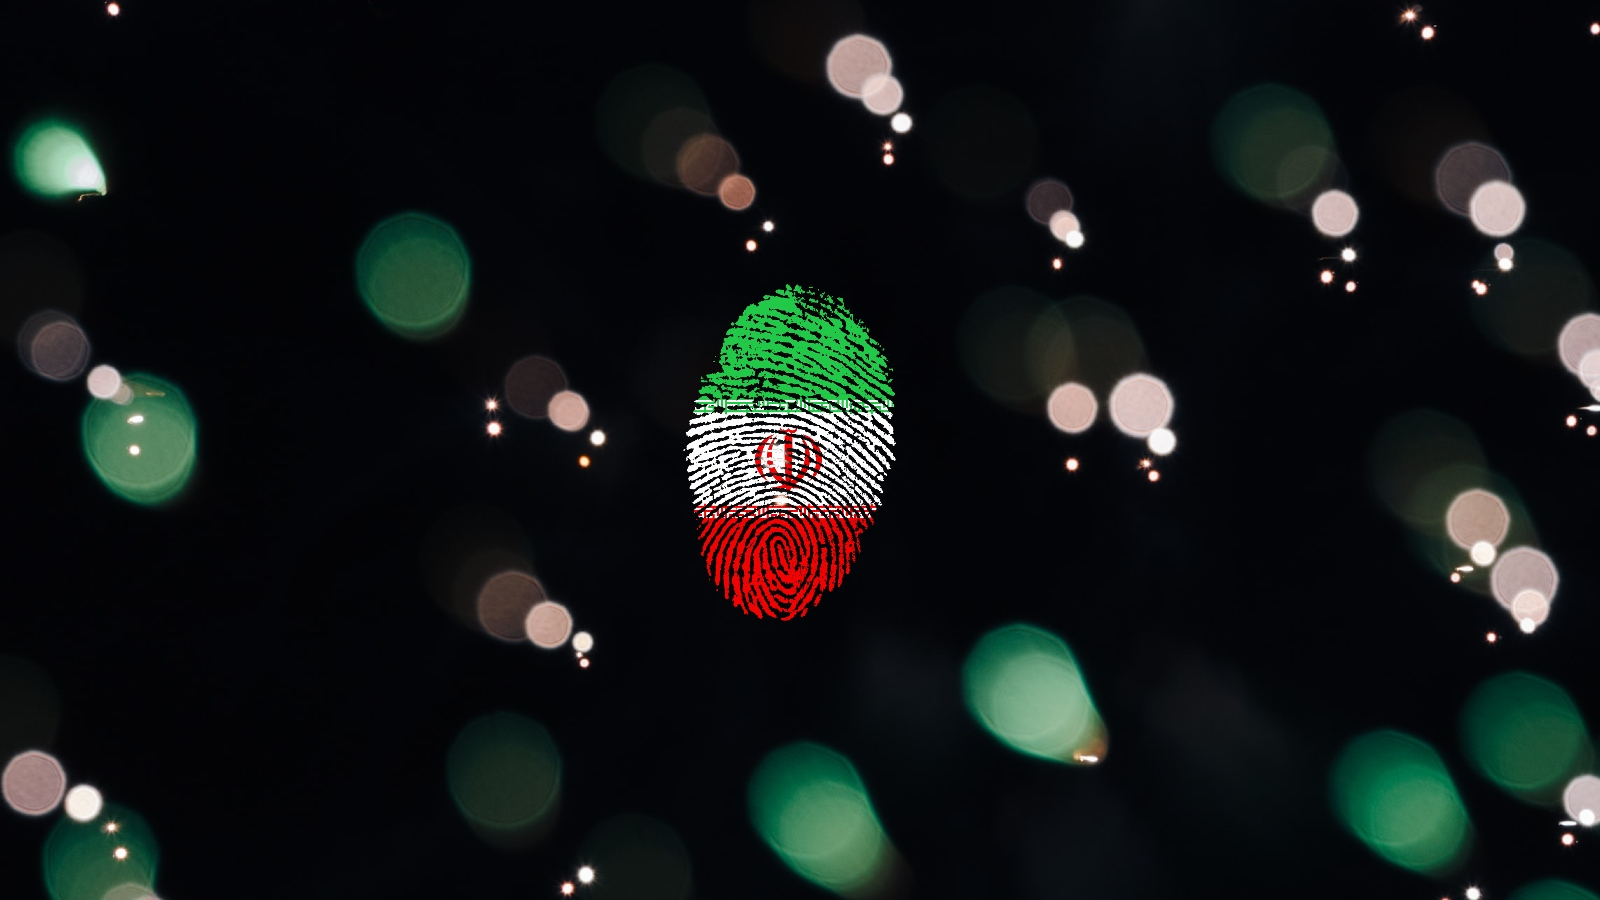 Microsoft: İran bağlantılı bilgisayar korsanları ABD savunma teknolojisi şirketlerini hedef alıyor